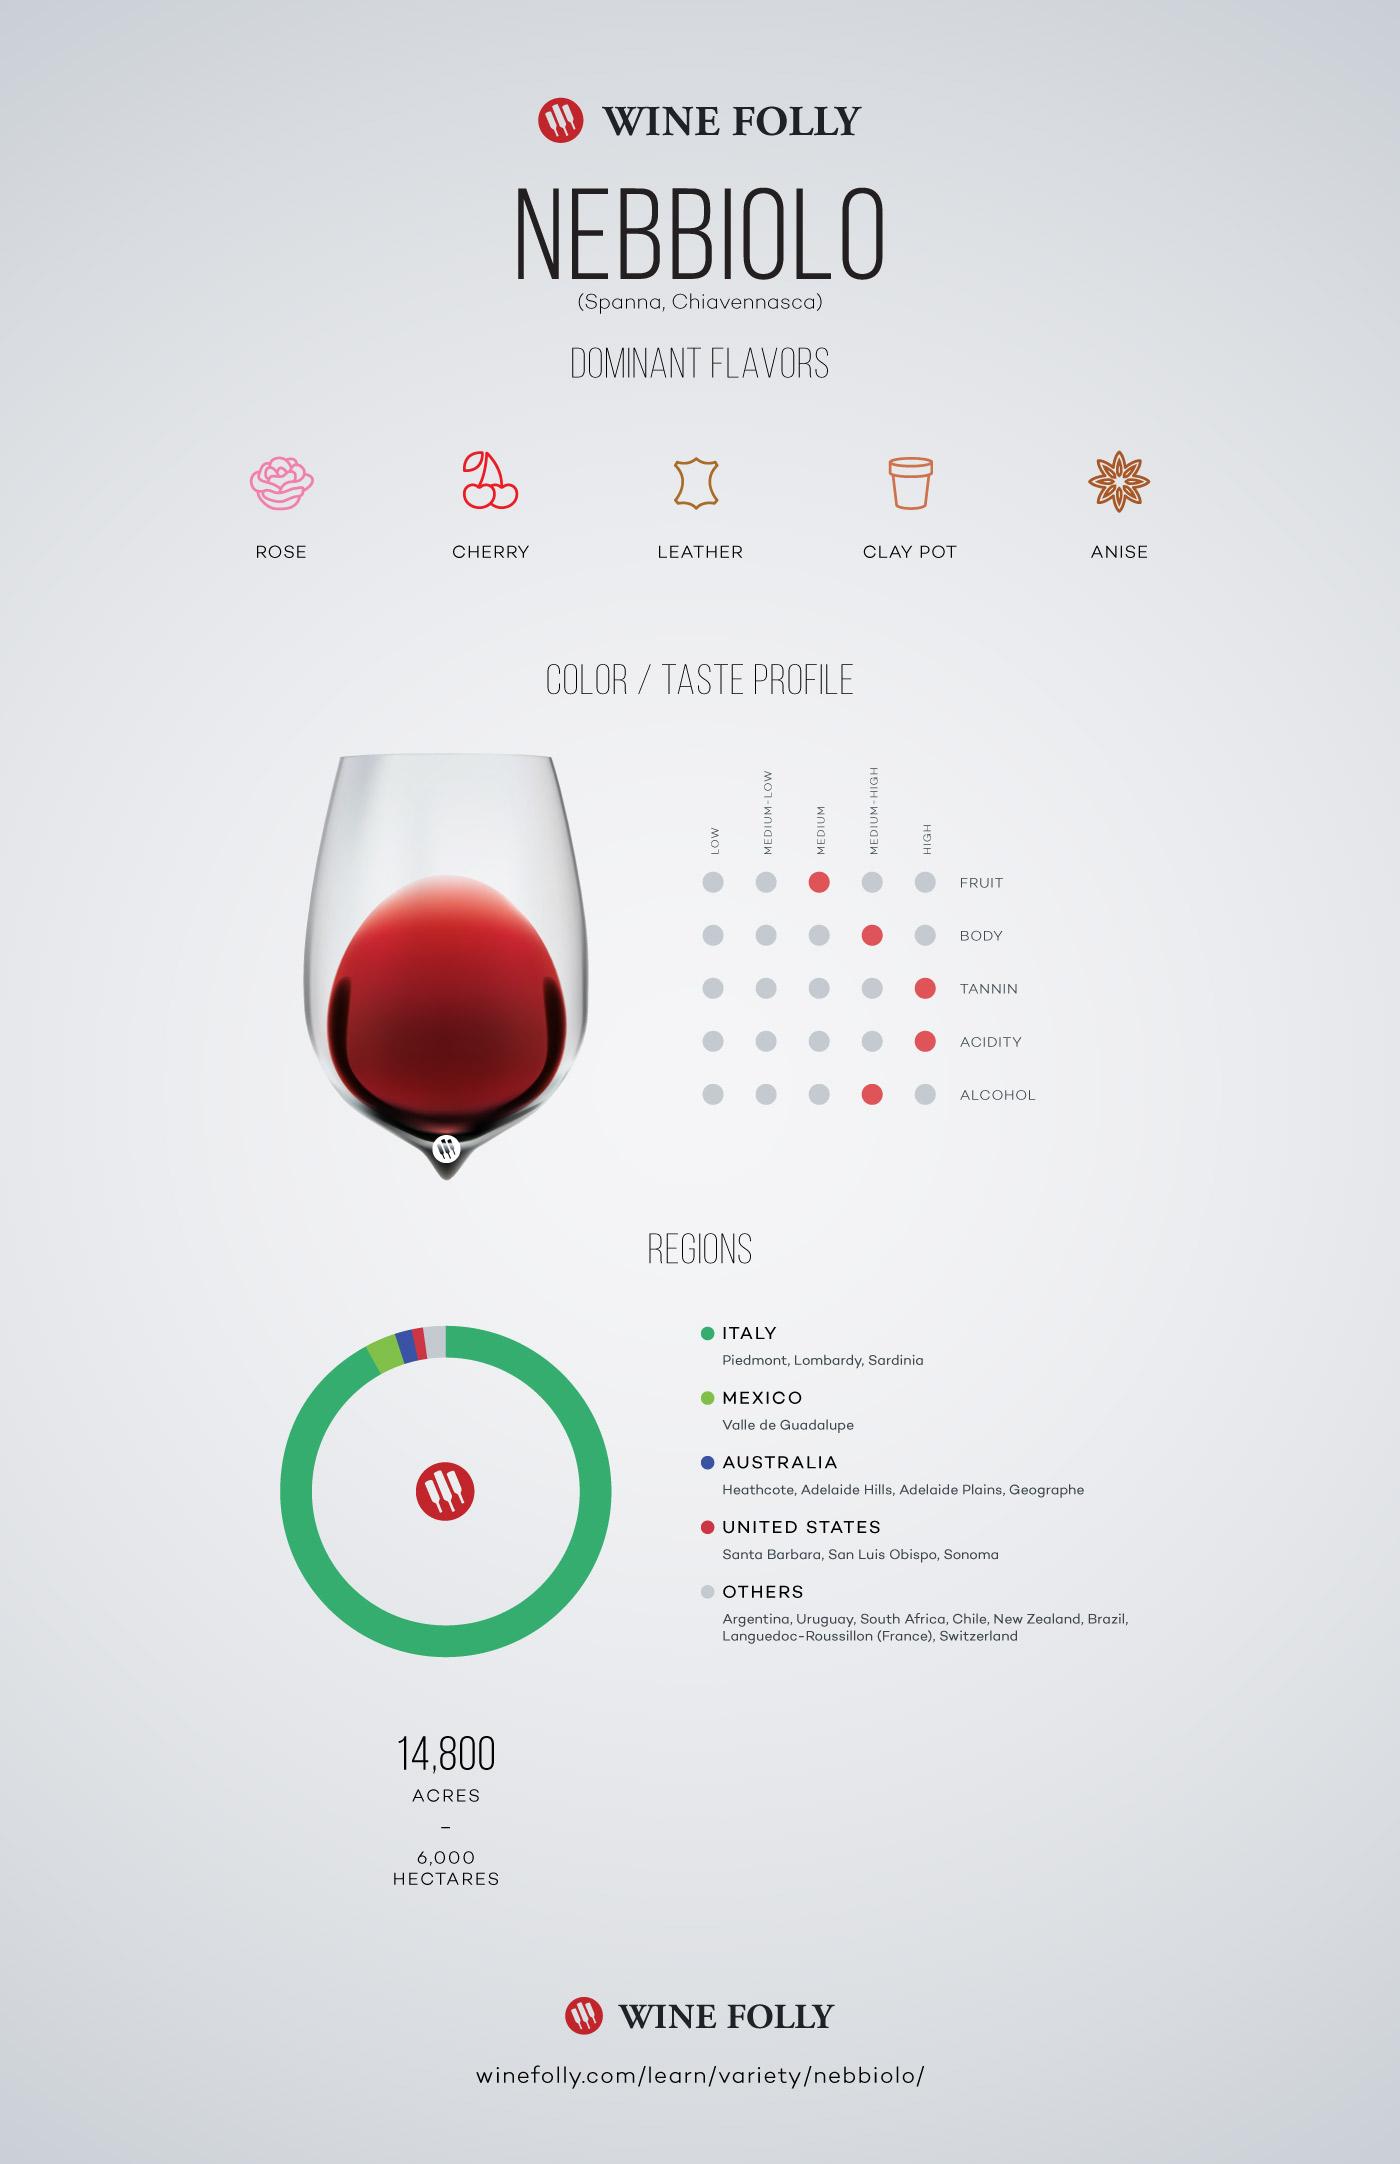 Nebbiolo Wine Profile by Wine Folly